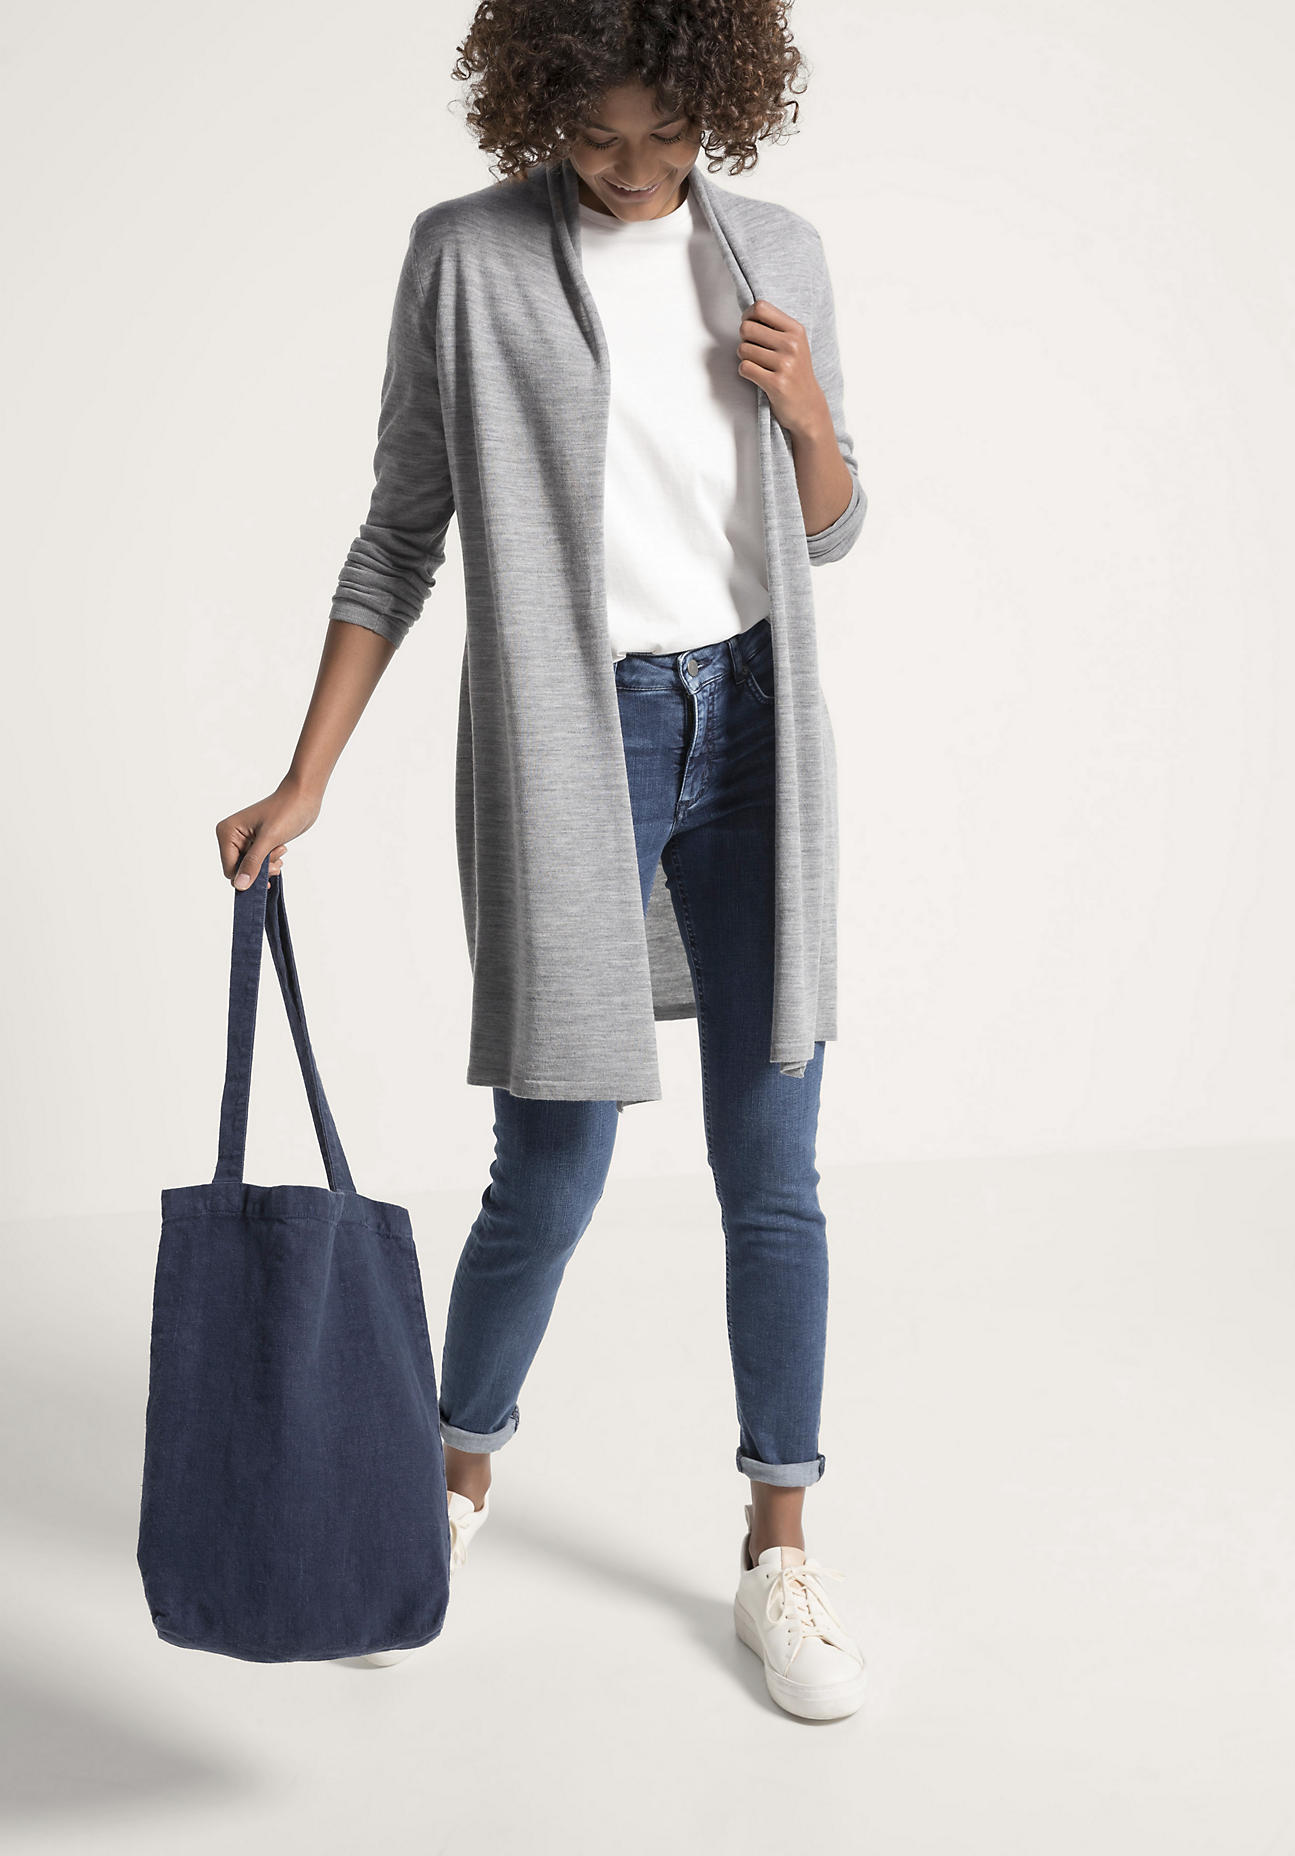 hessnatur Damen Kleiner Shopper aus Hessenleinen - blau Größe 40x34 cm